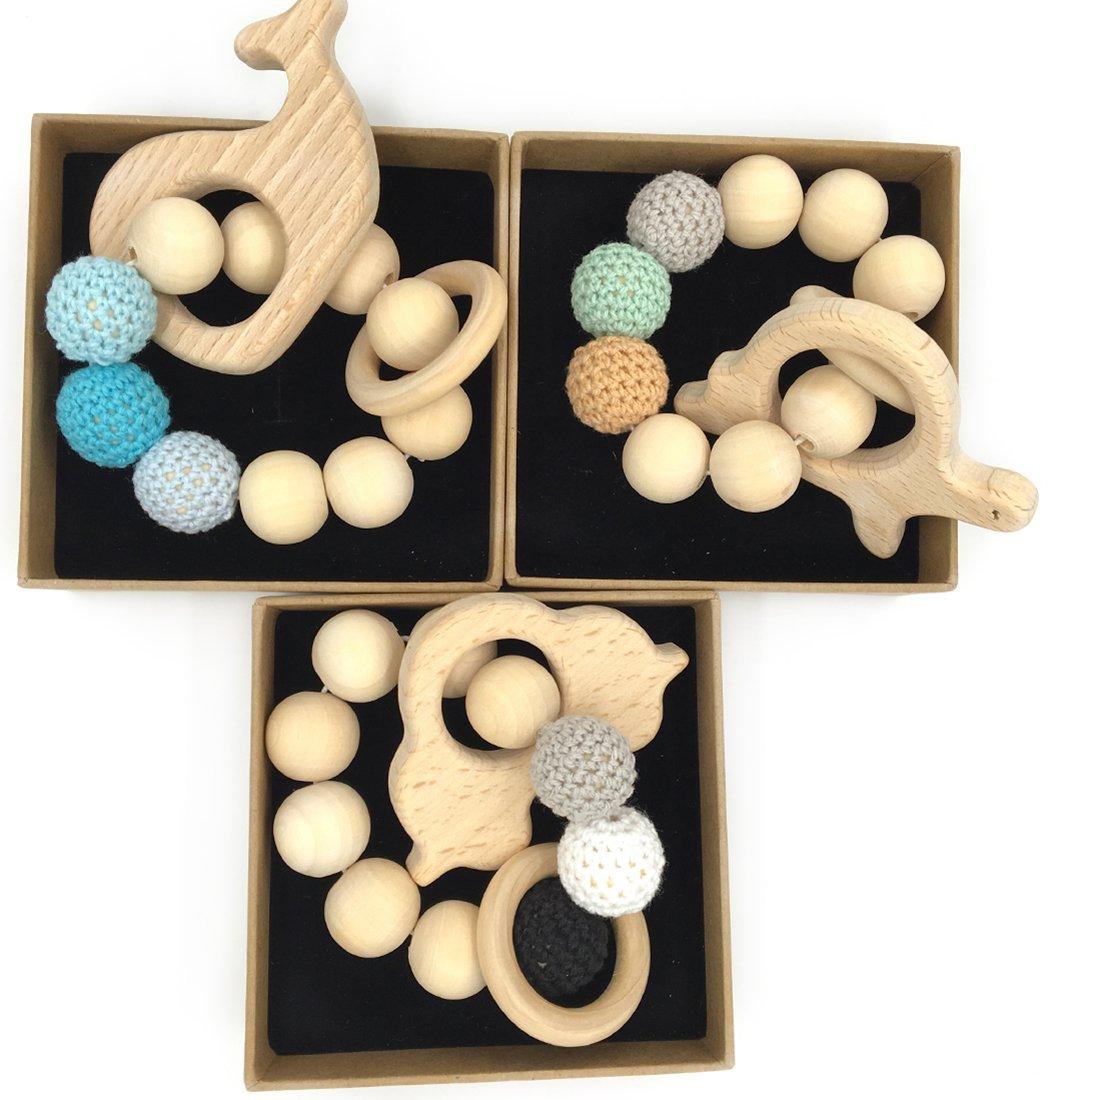 Couleur 10 Coskiss 3Pcs B/éb/é Bracelet en bois Teether Amigurumi Eco-friendly Baby Dentition Jouets Enfant Chew Bangle Shaped Rattle Cadeau de No/ël